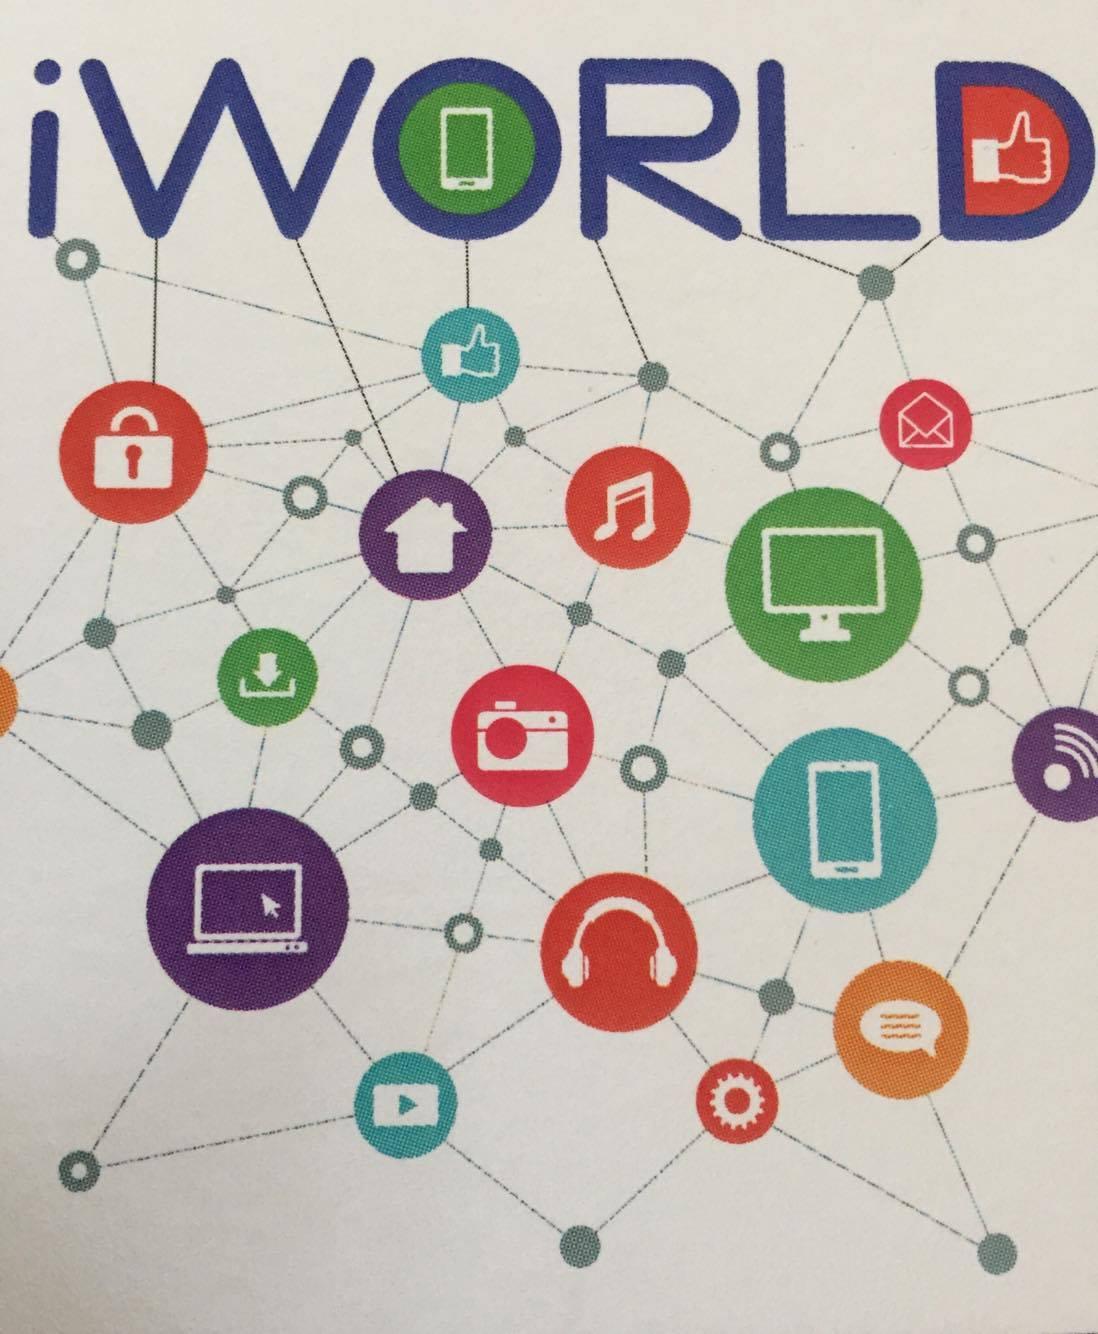 Monday - at iWorld